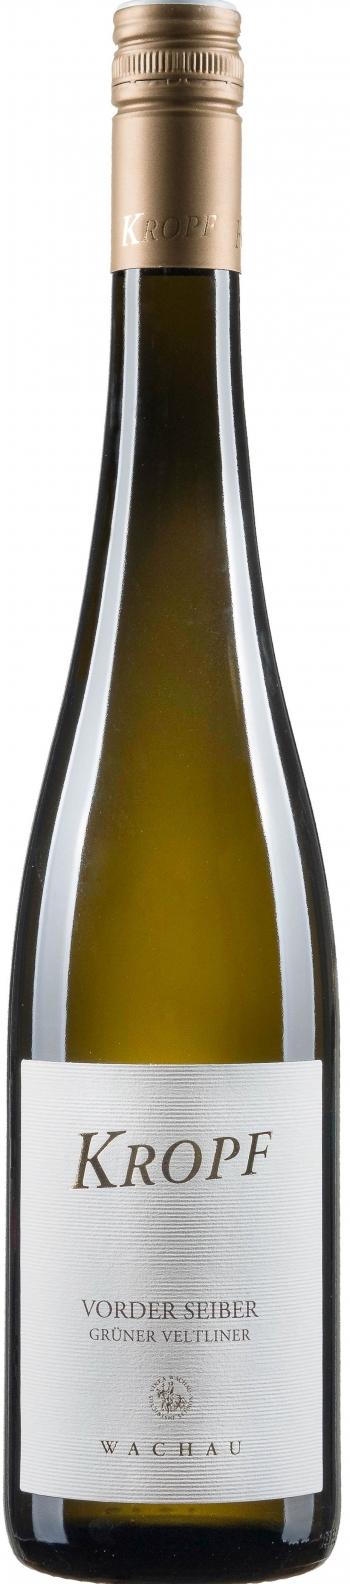 Veltliner Federspiel, Vorder Seiber, Weinbau Kropf 2016